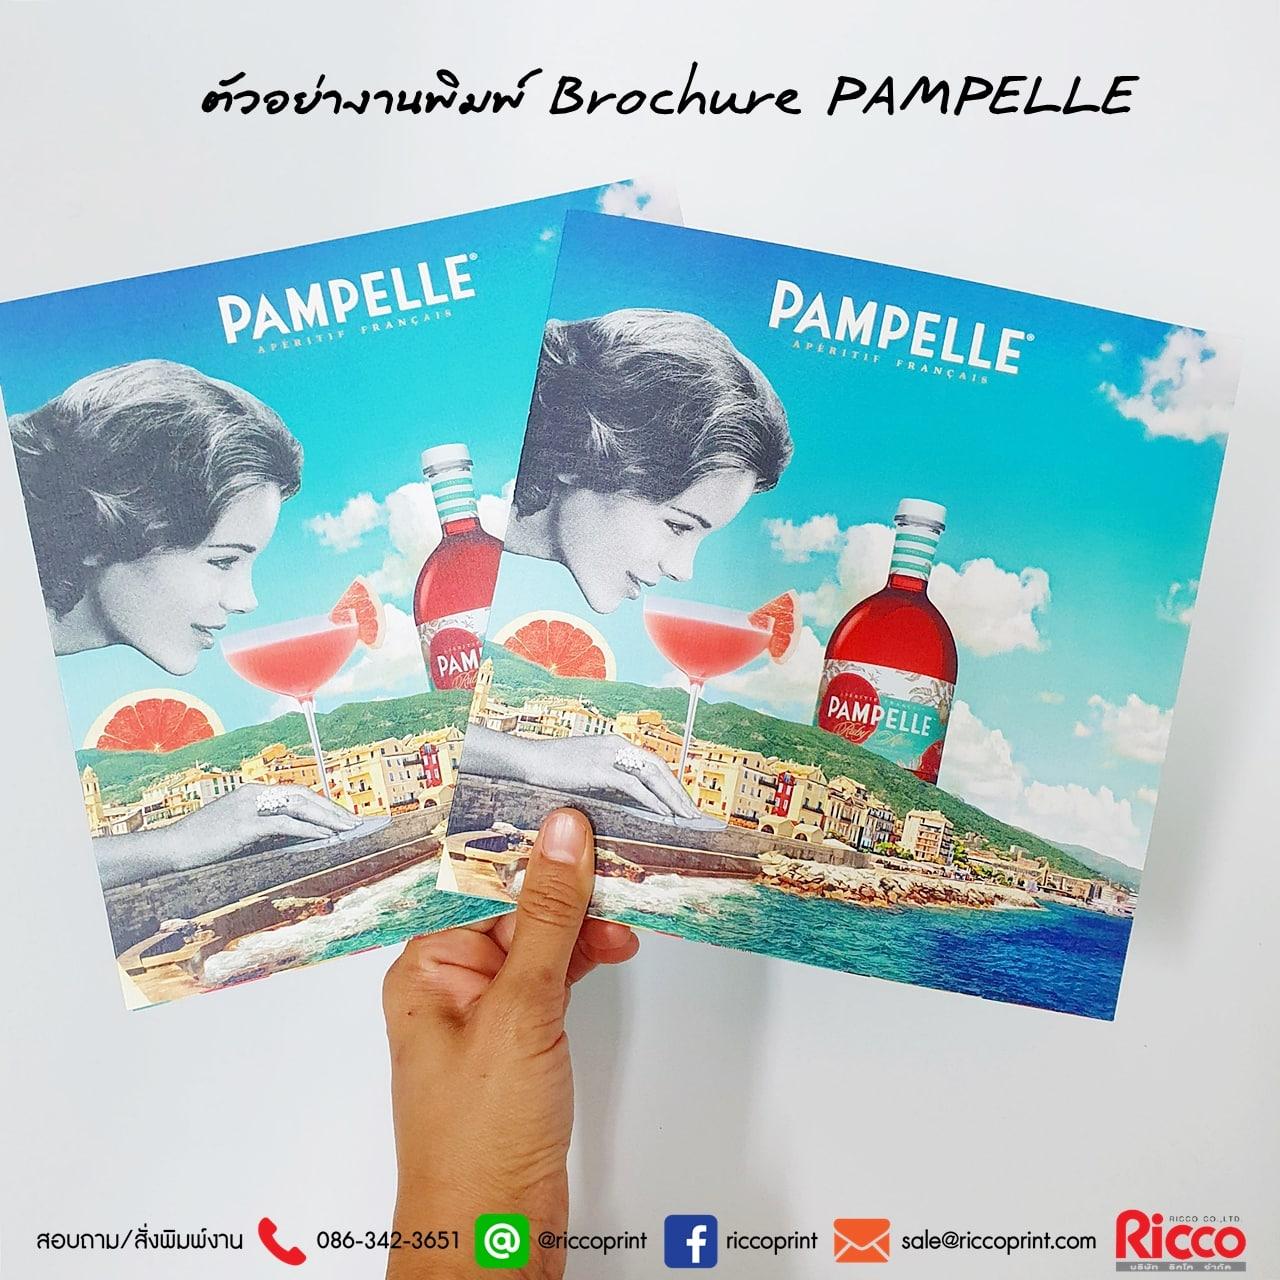 รูป Brochure 2020 5 - ประกอบเนื้อหา Home